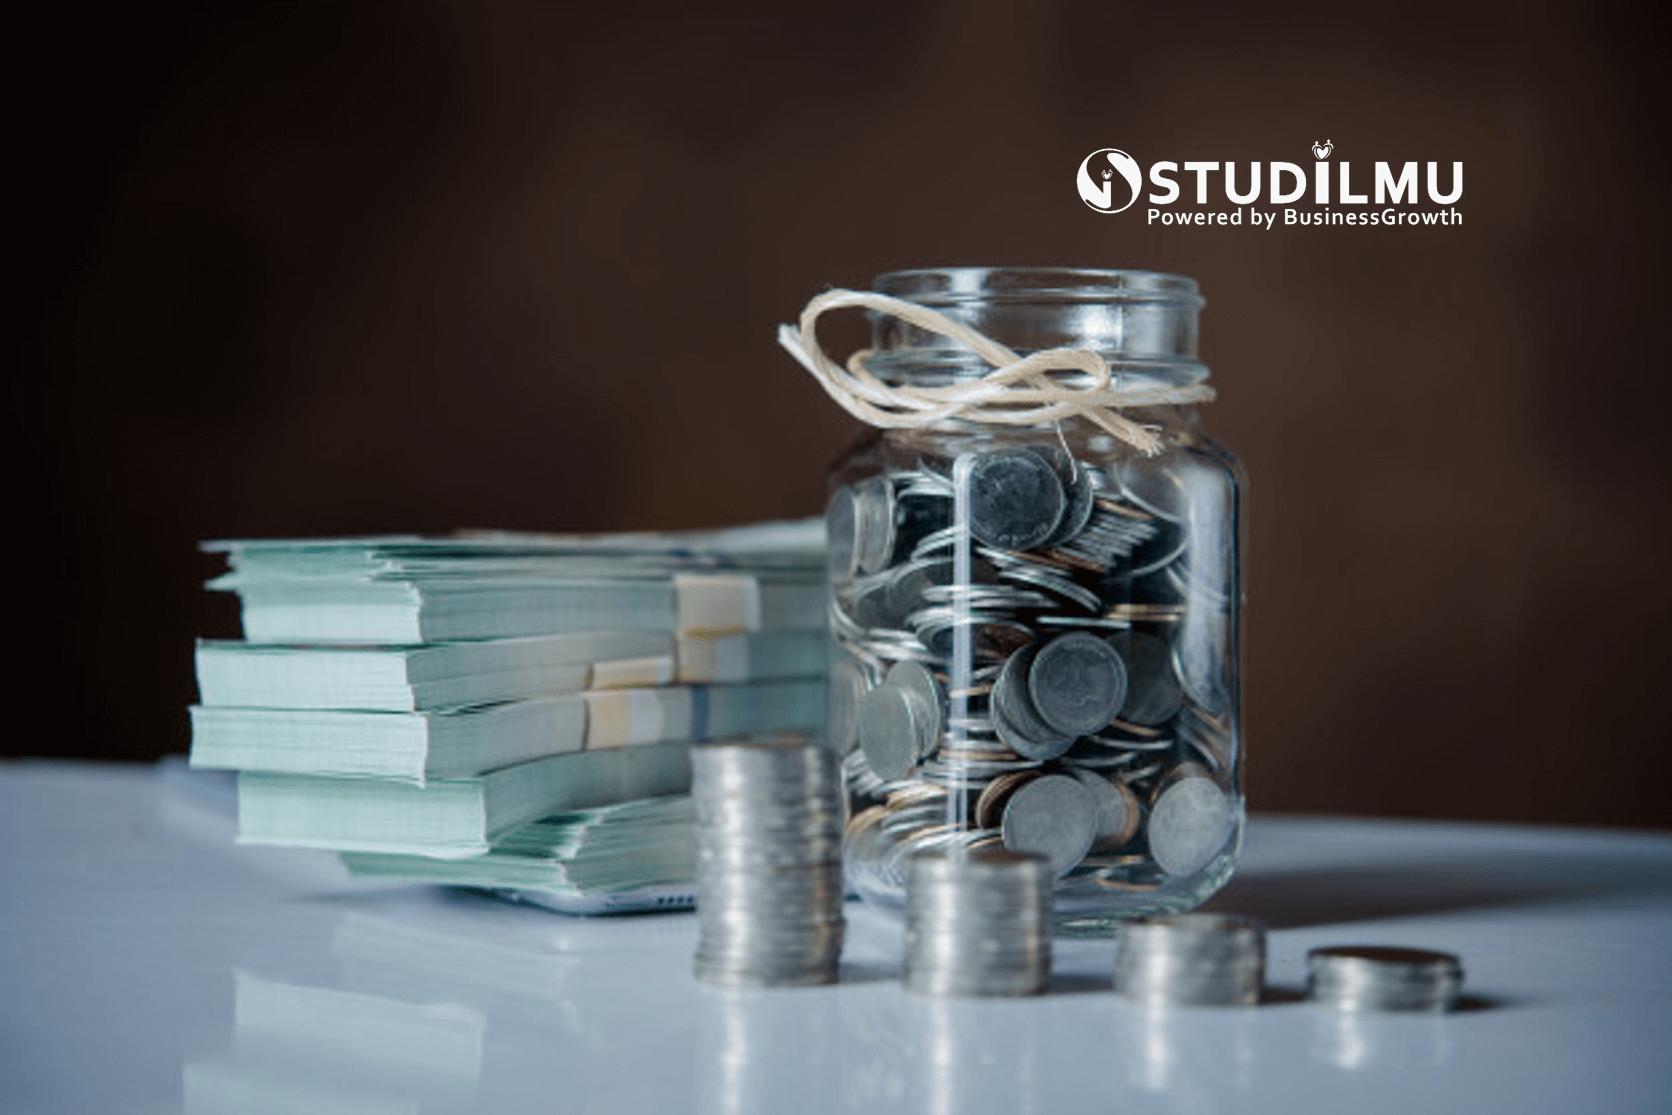 STUDILMU Career Advice - Bagaimana Rasa Syukur dapat Memperbaiki Kondisi Finansial Anda?